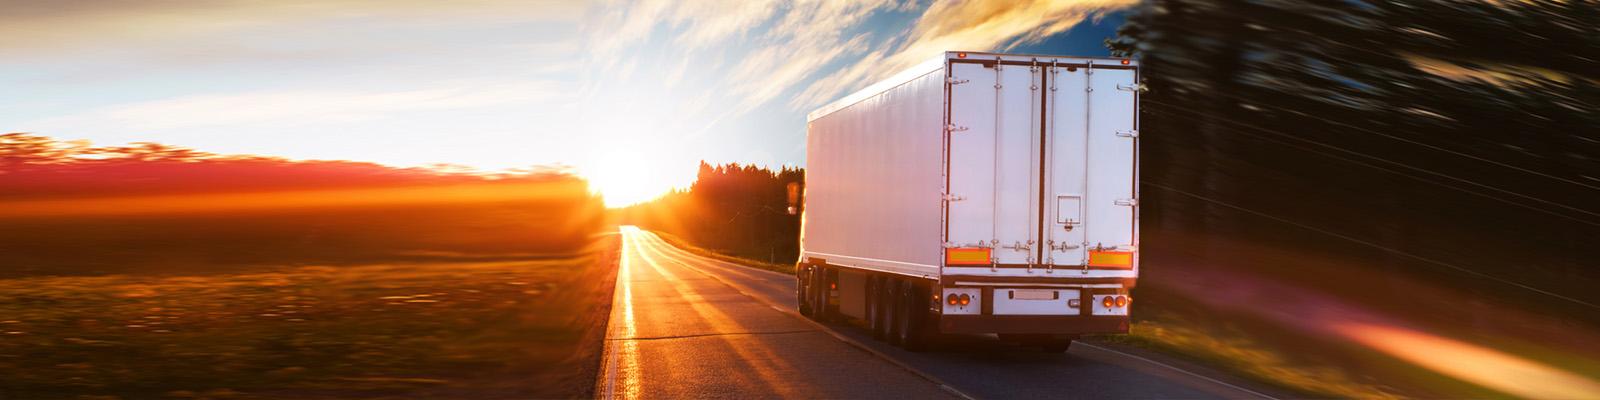 Presentados los resultados del Plan Nacional de Inspección de Transporte 2013